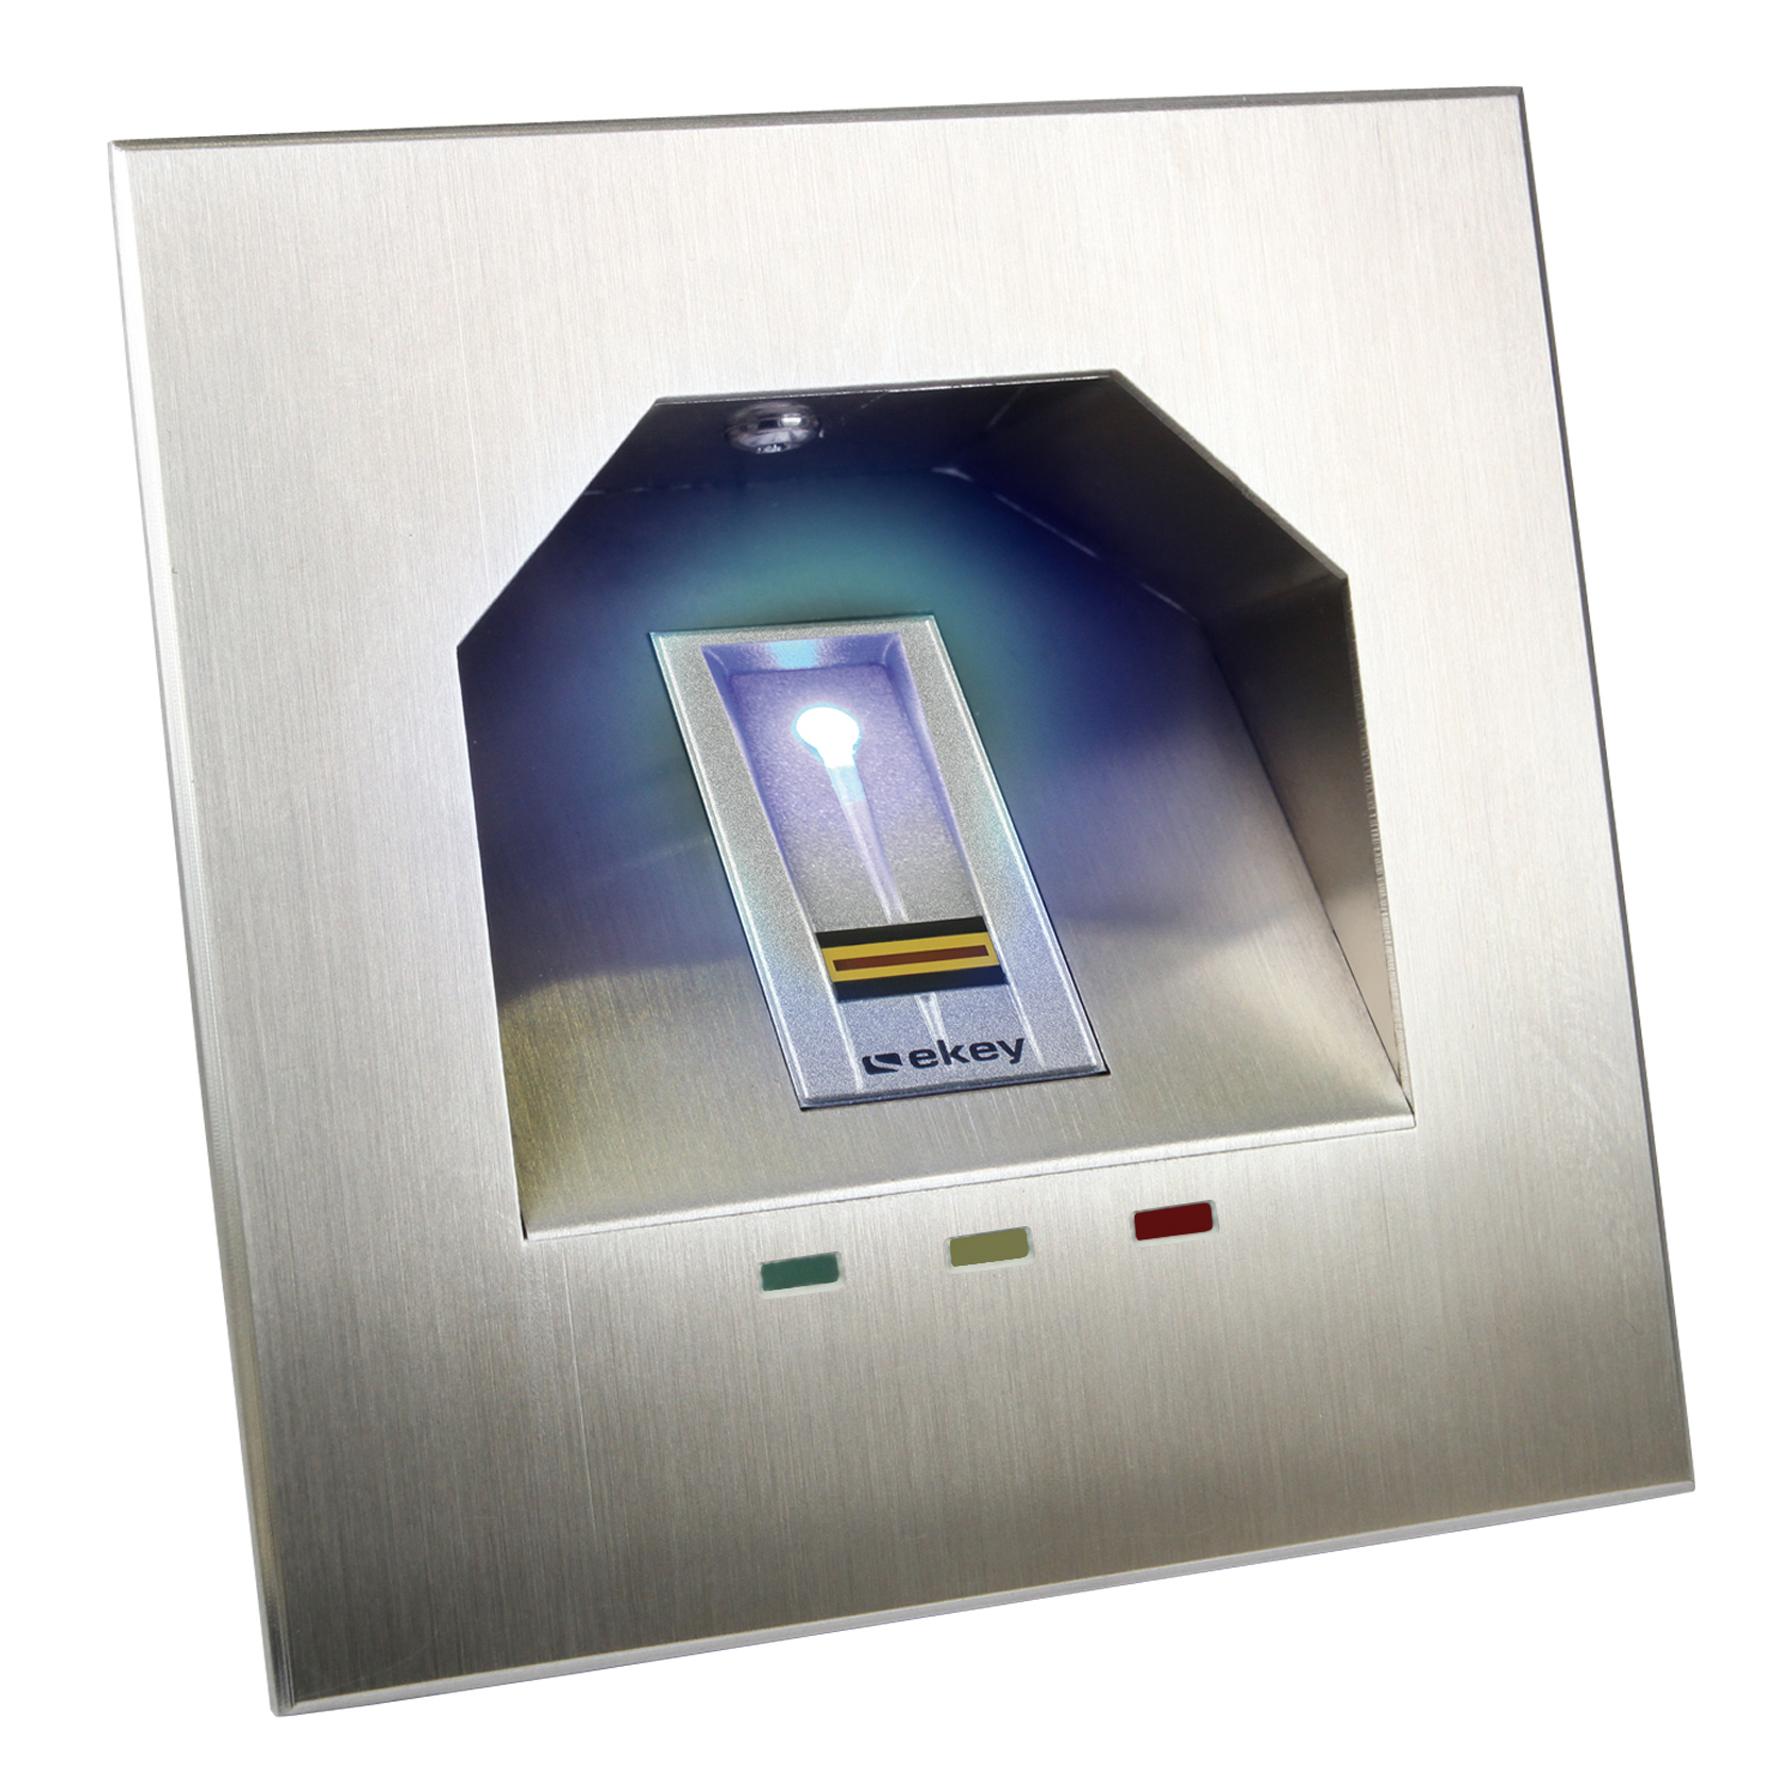 1 Stk Einbaurahmen mit LED für Fingerscanner UP E, Edelstahl EK101511--